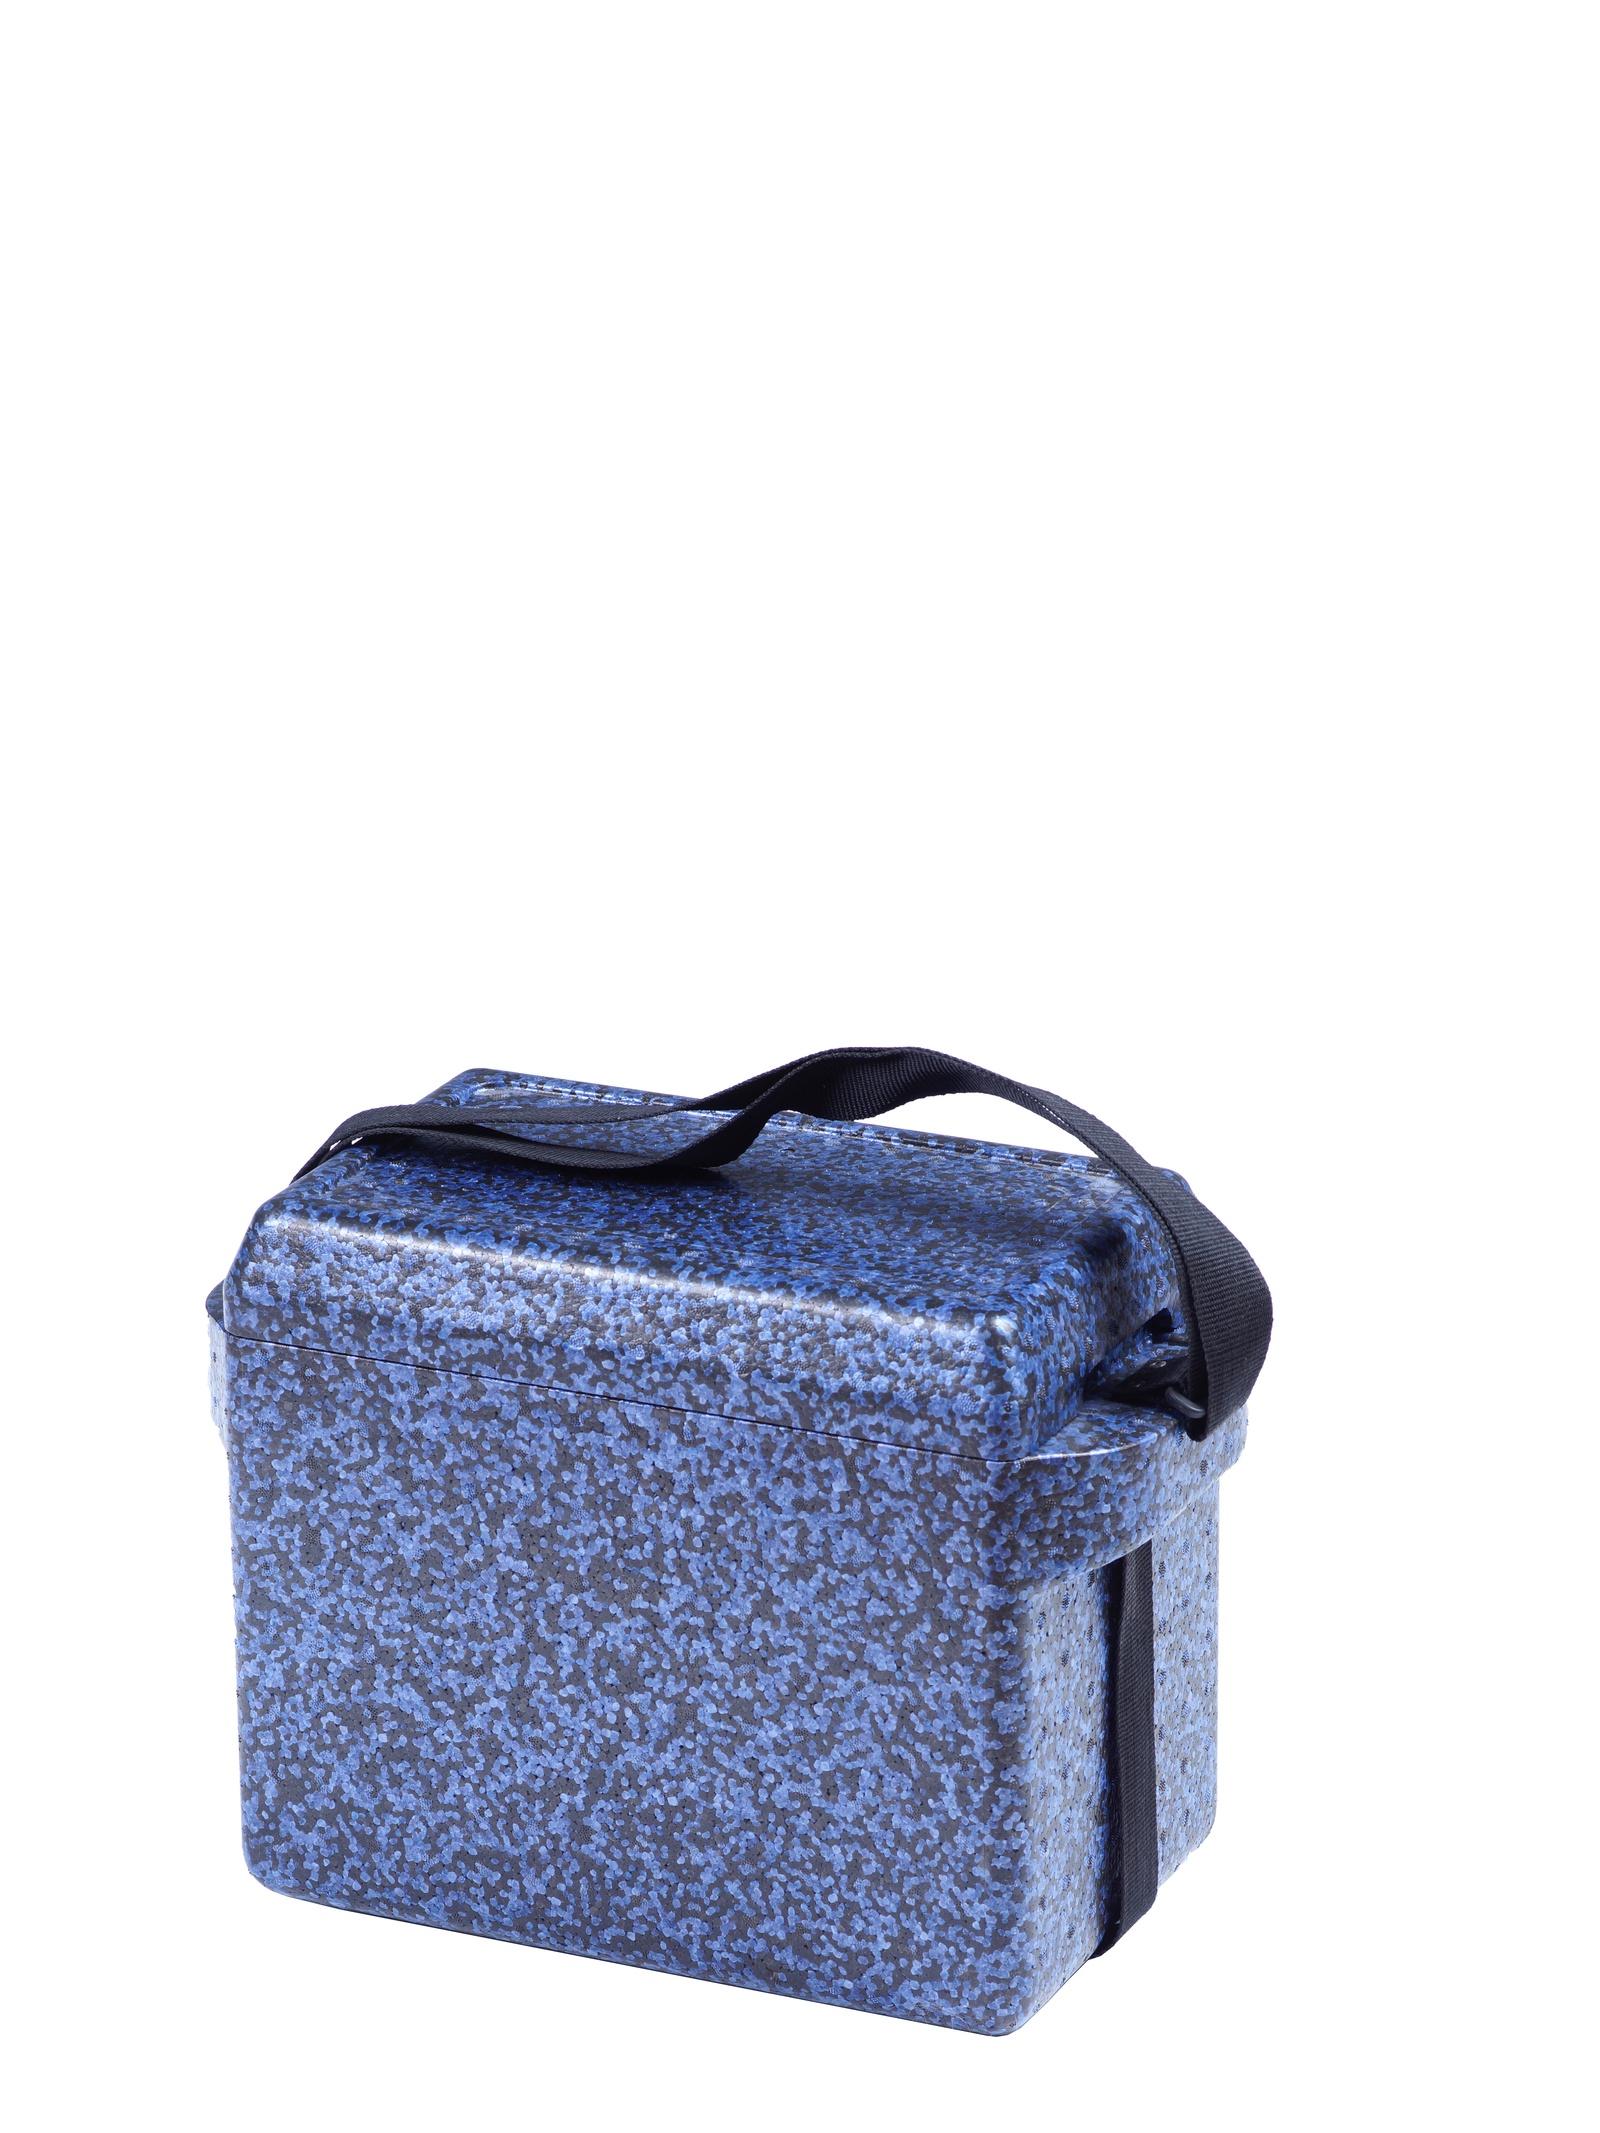 Изотермический контейнер-сумка для продуктов 13л IT432232, синий